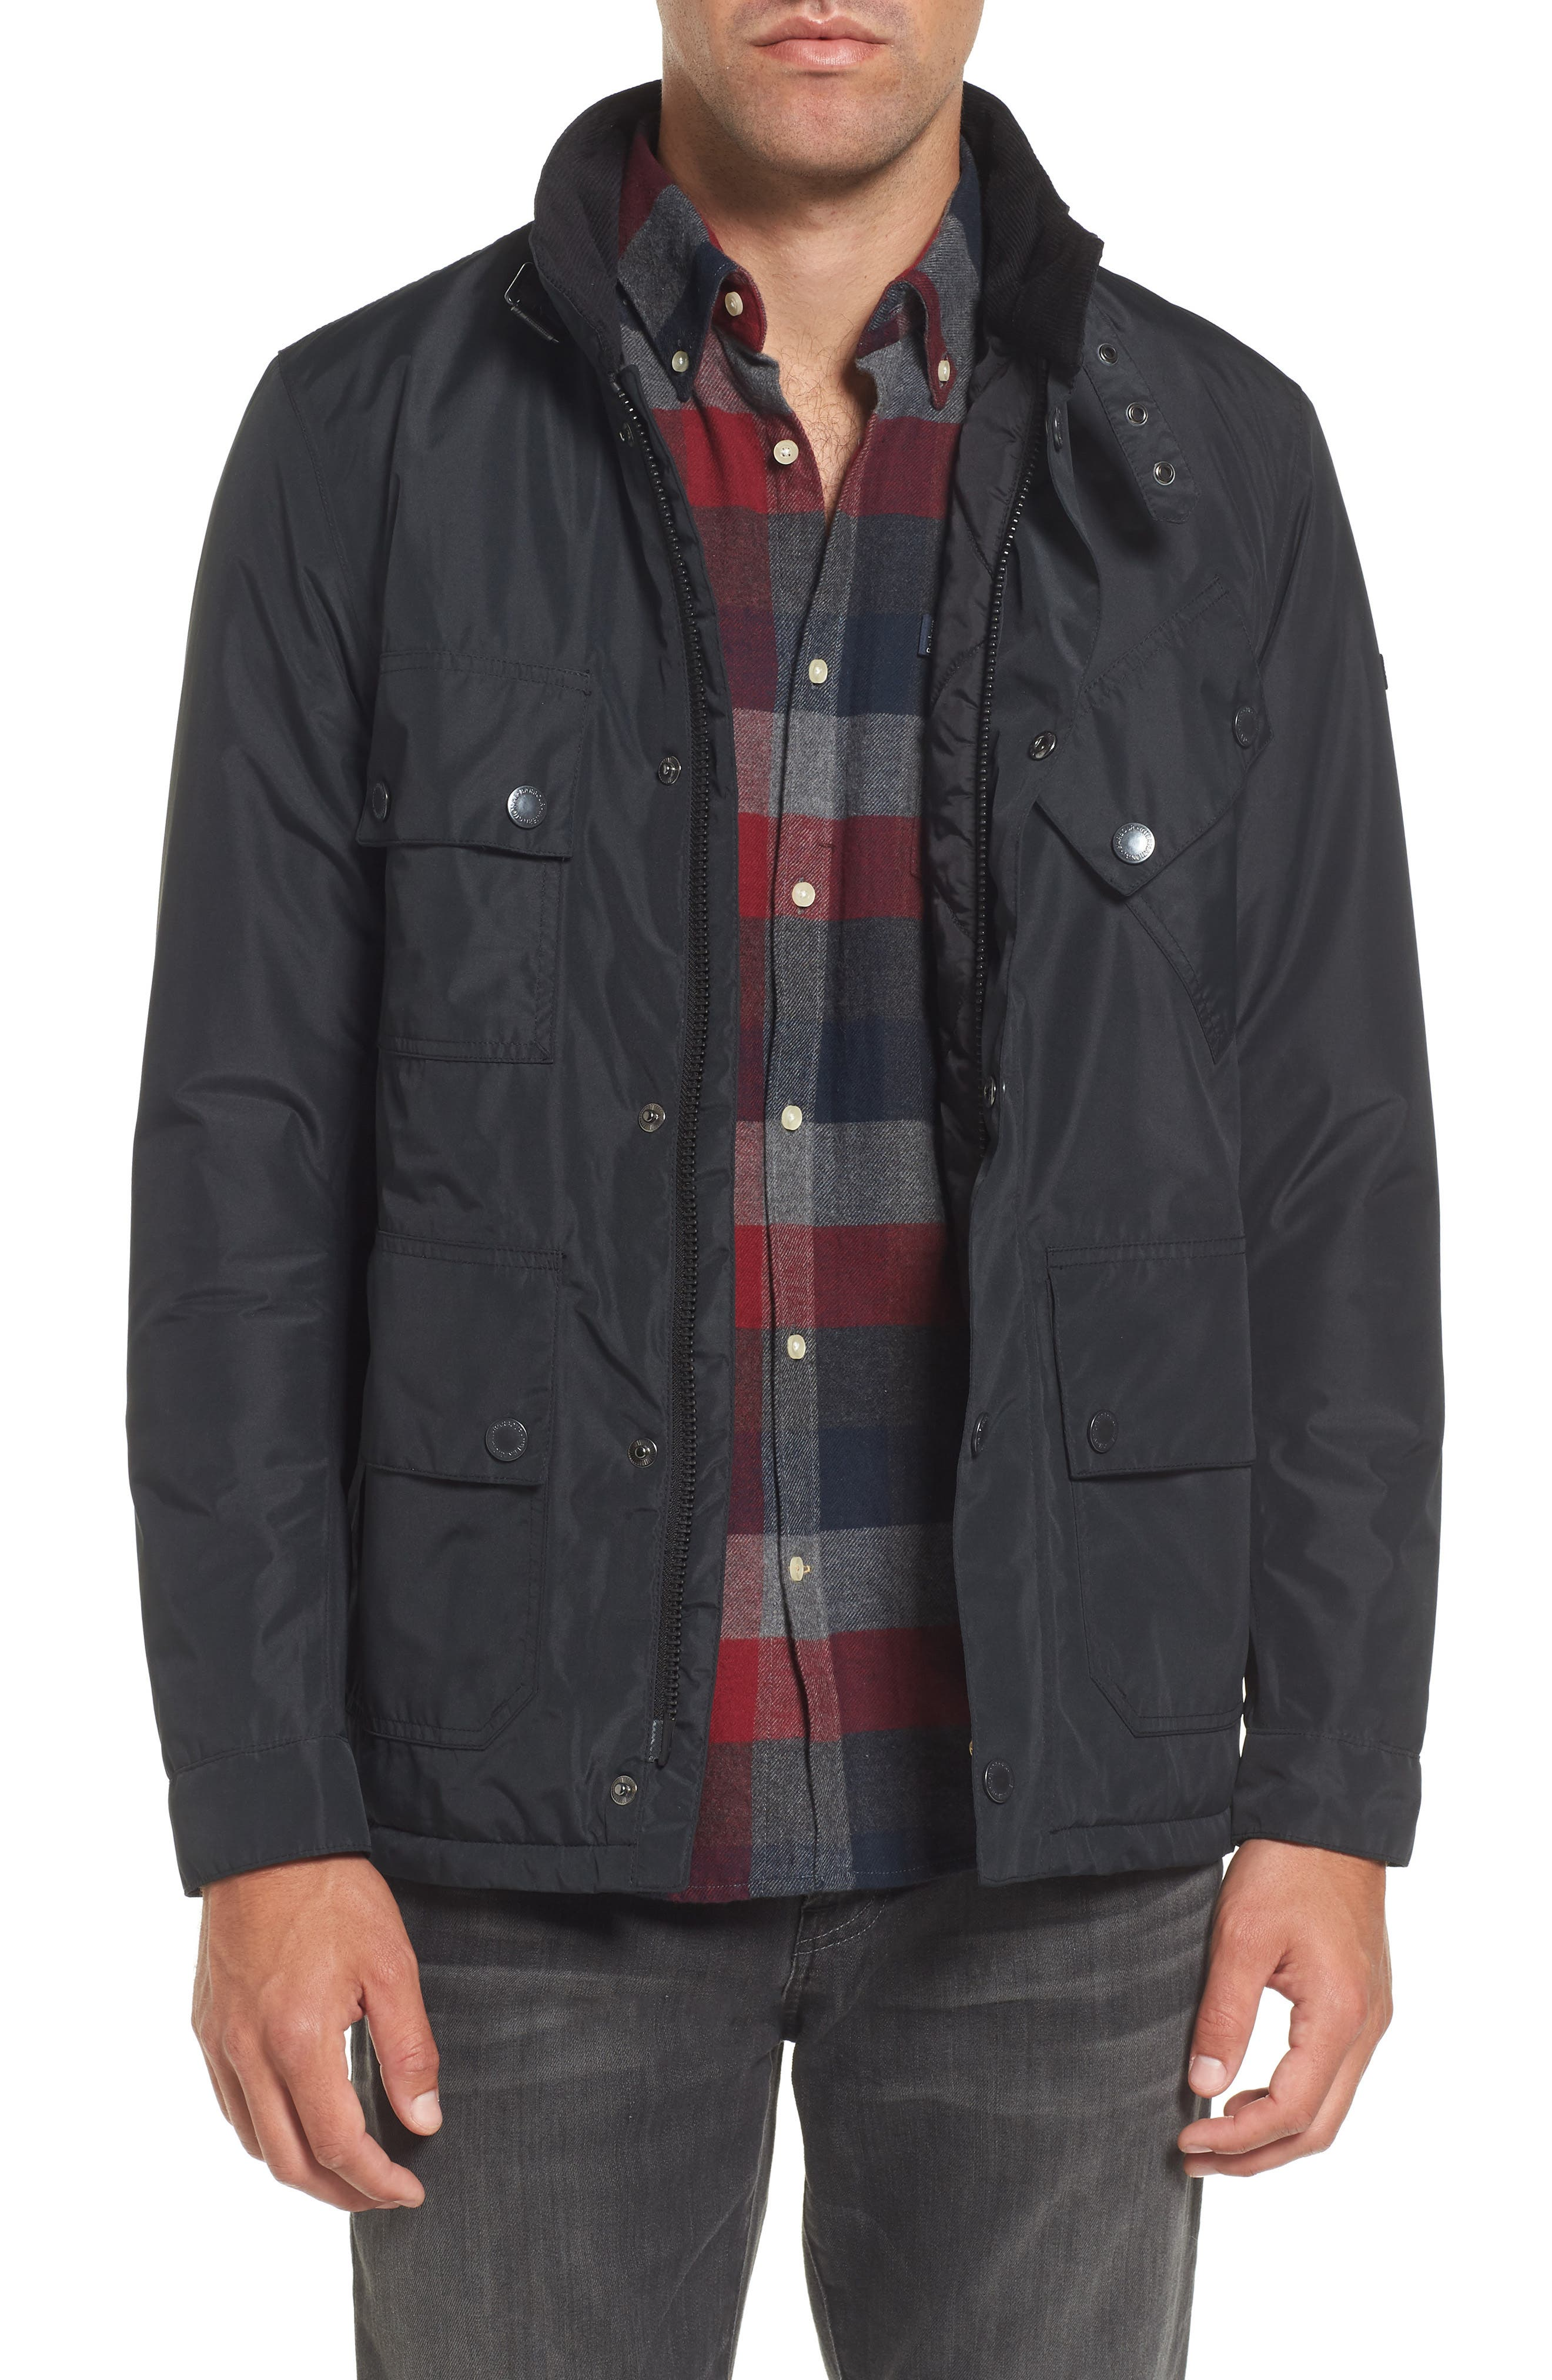 Main Image - Barbour B.Intl Tyne Waterproof Jacket